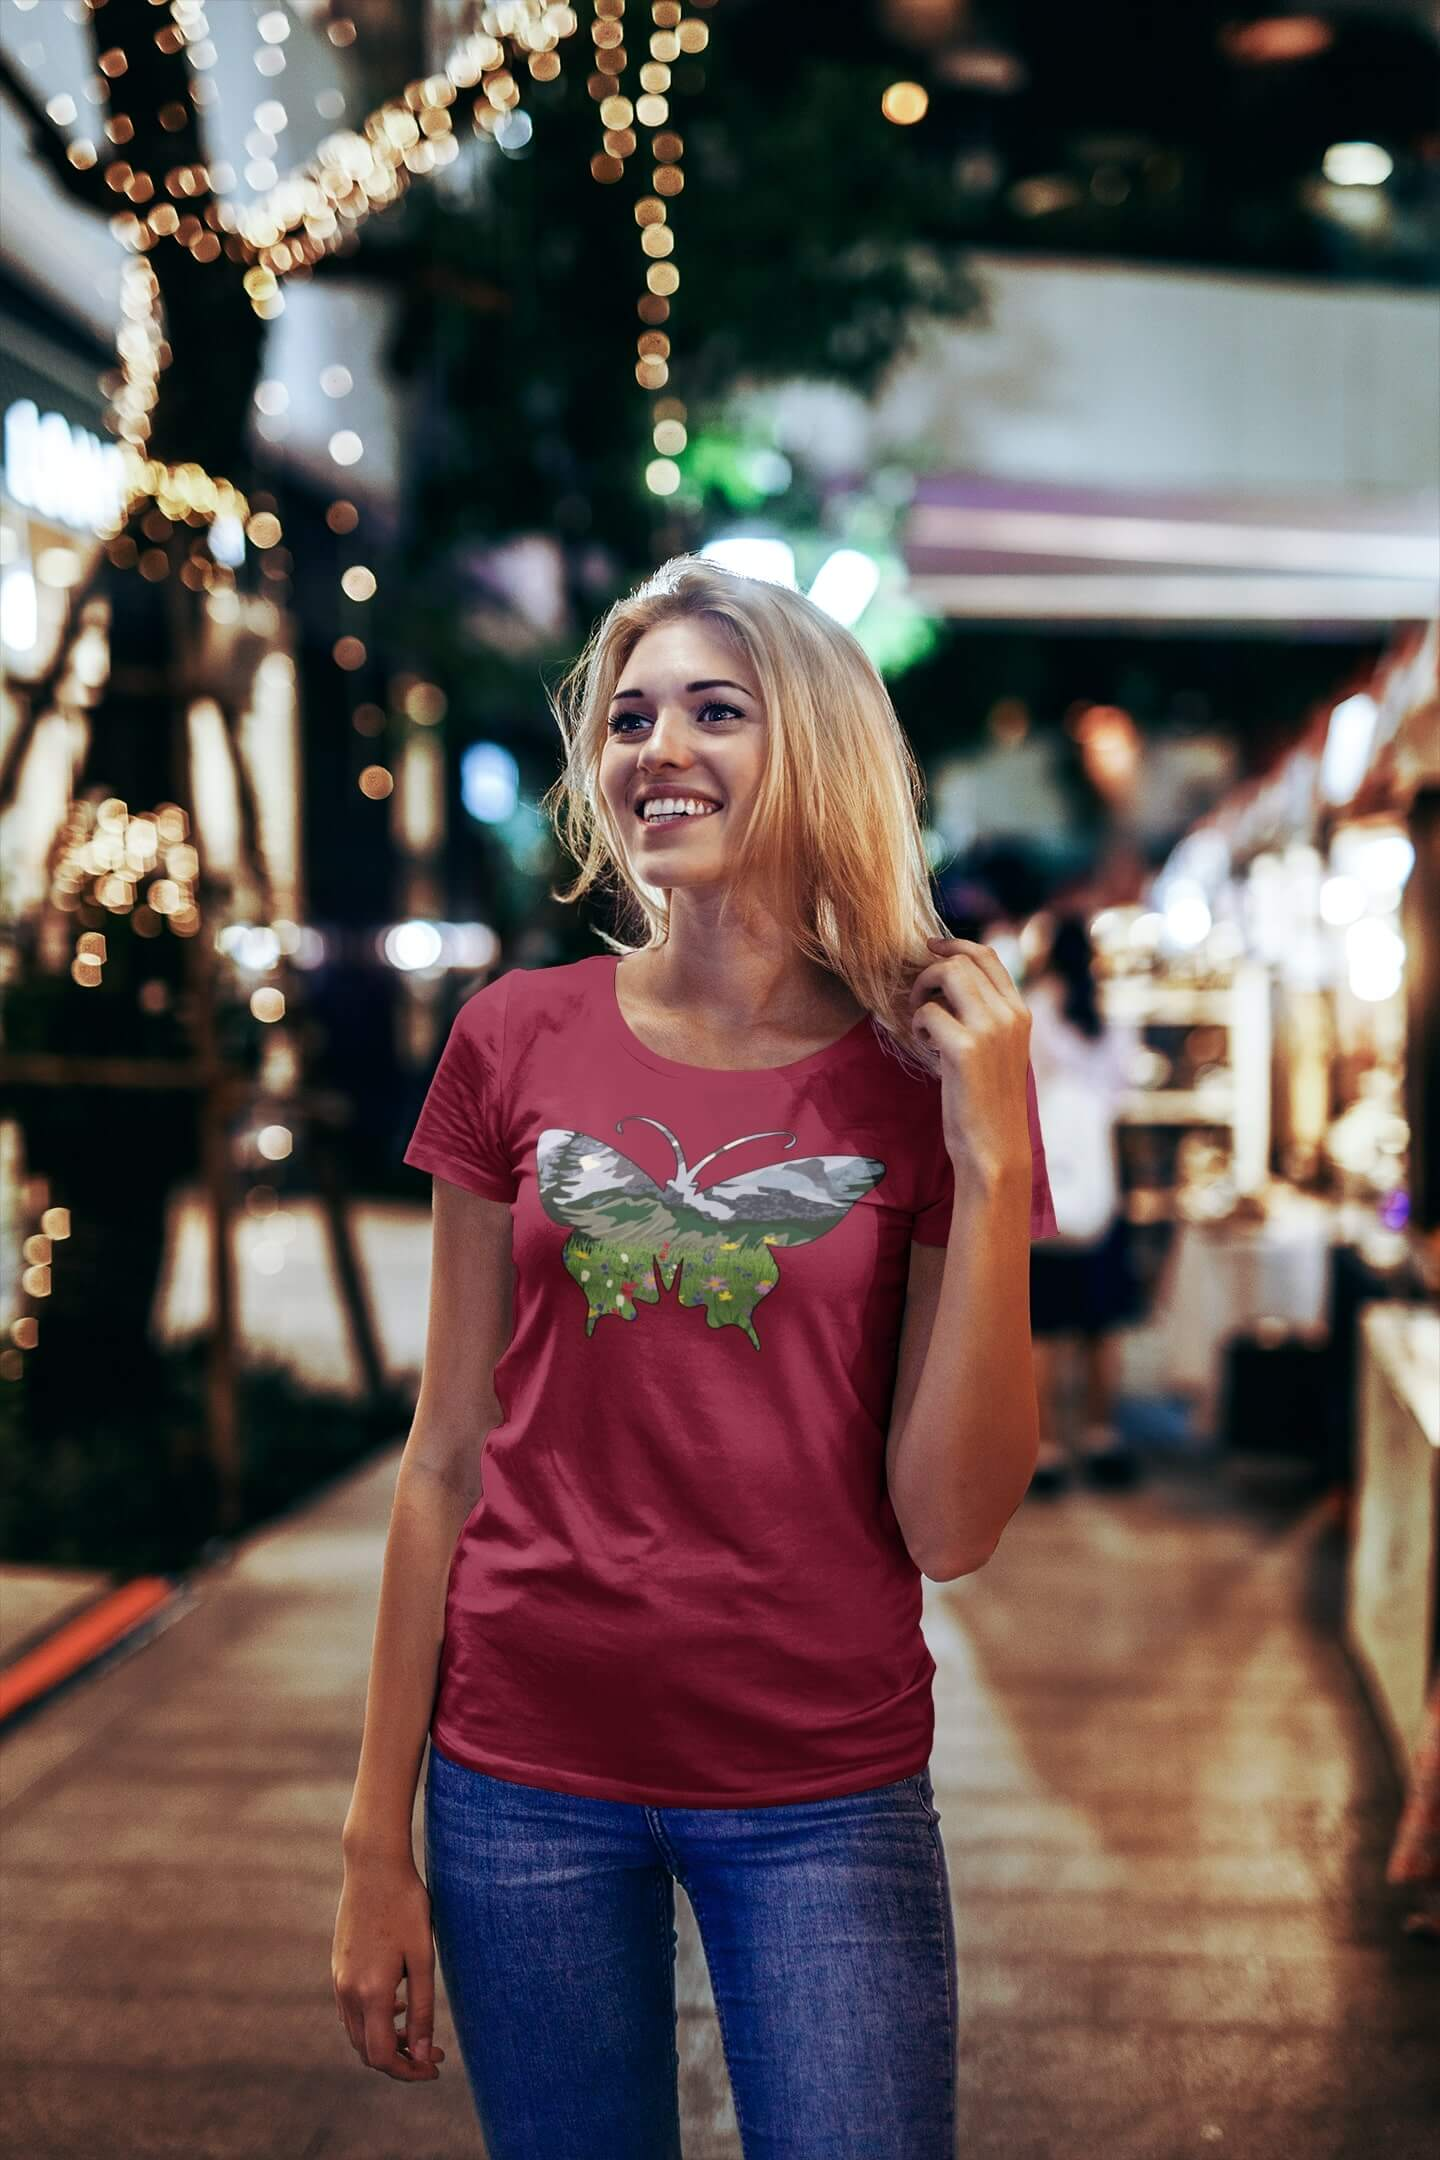 MMO Dámske tričko Motýľ Vyberte farbu: Marlboro červená, Vyberte veľkosť: S